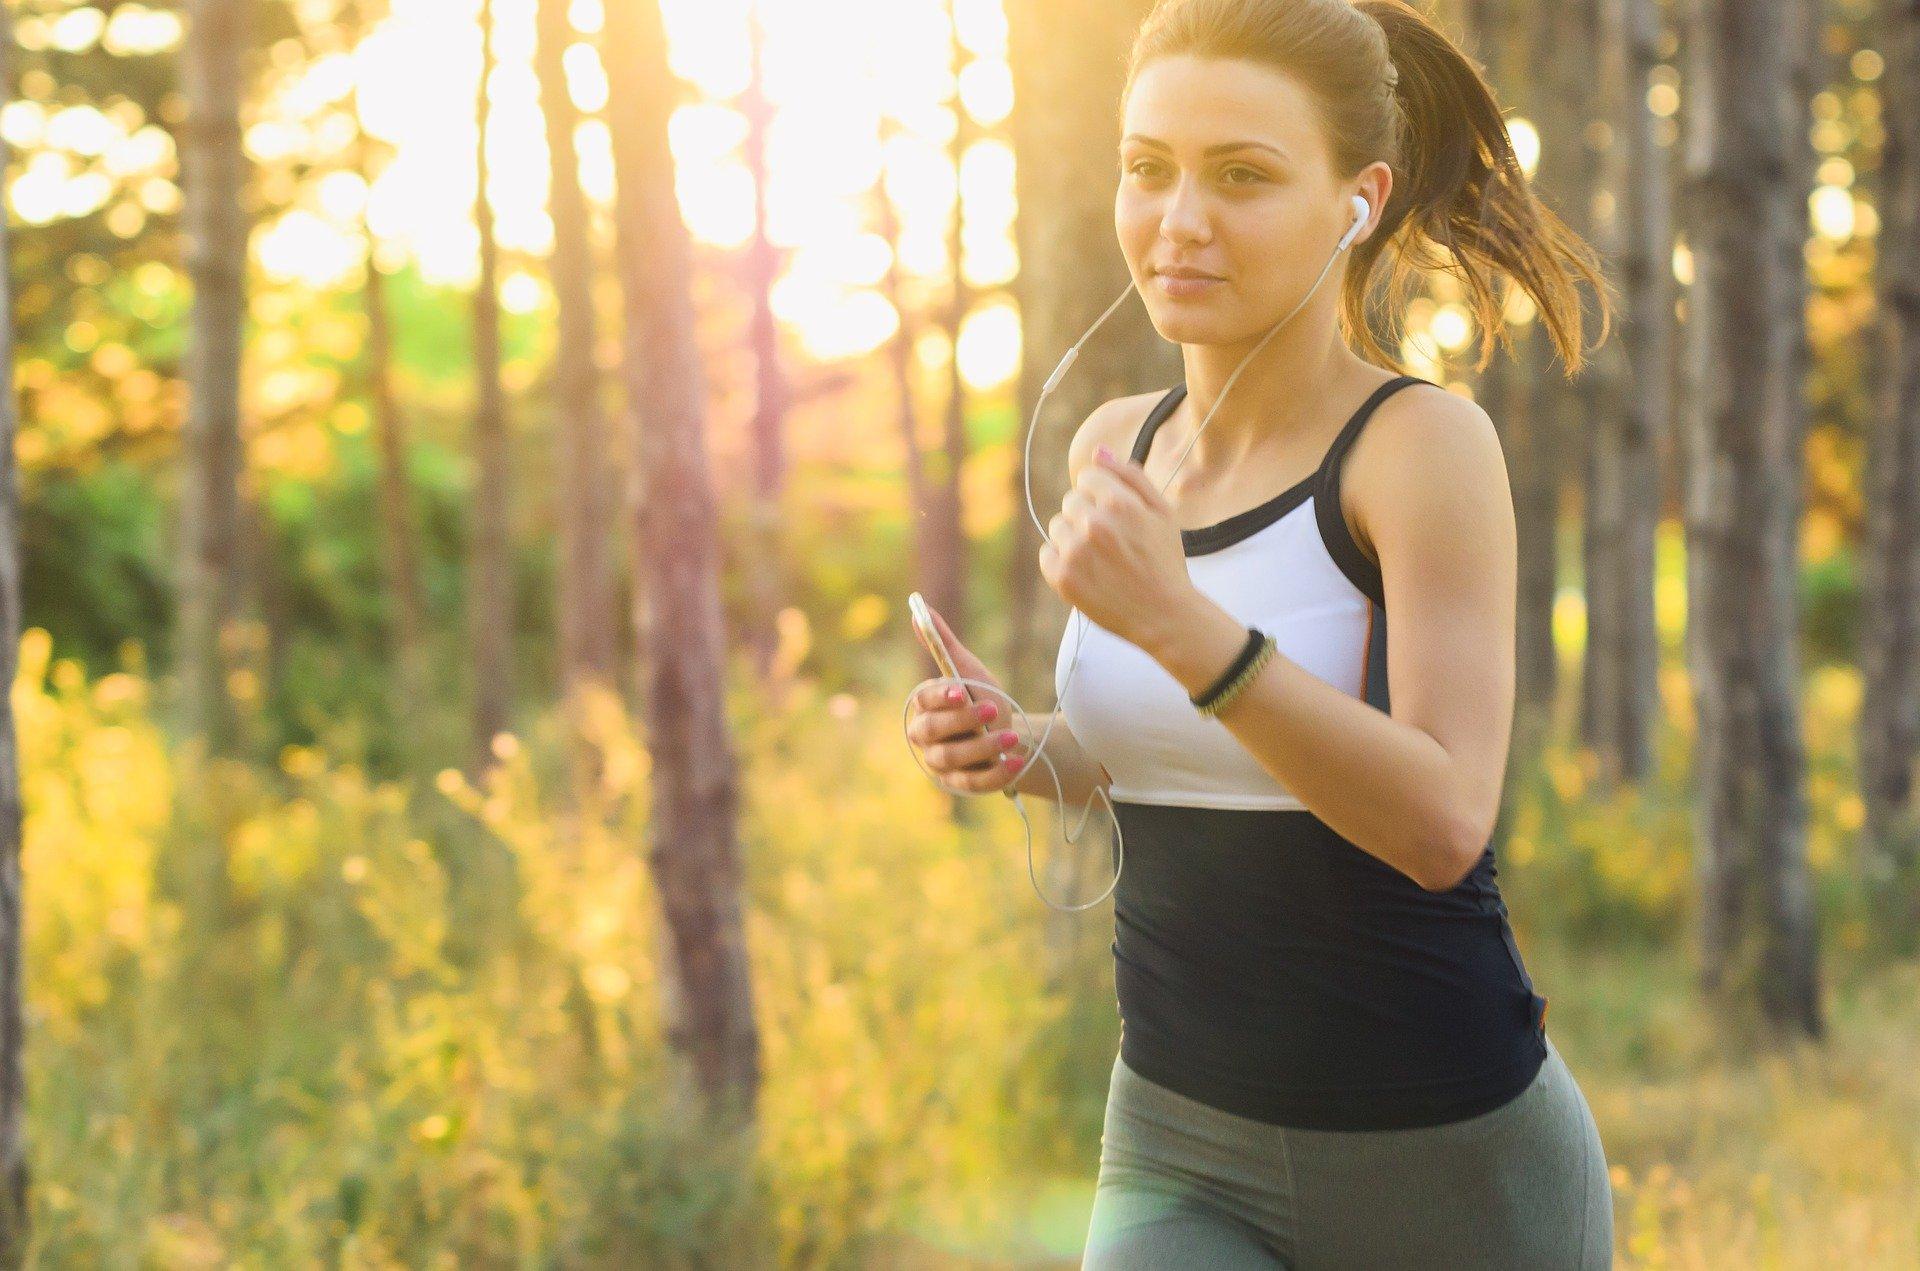 JETZT mitrennen, bummeln, spazieren - Laufwettbewerb läuft!